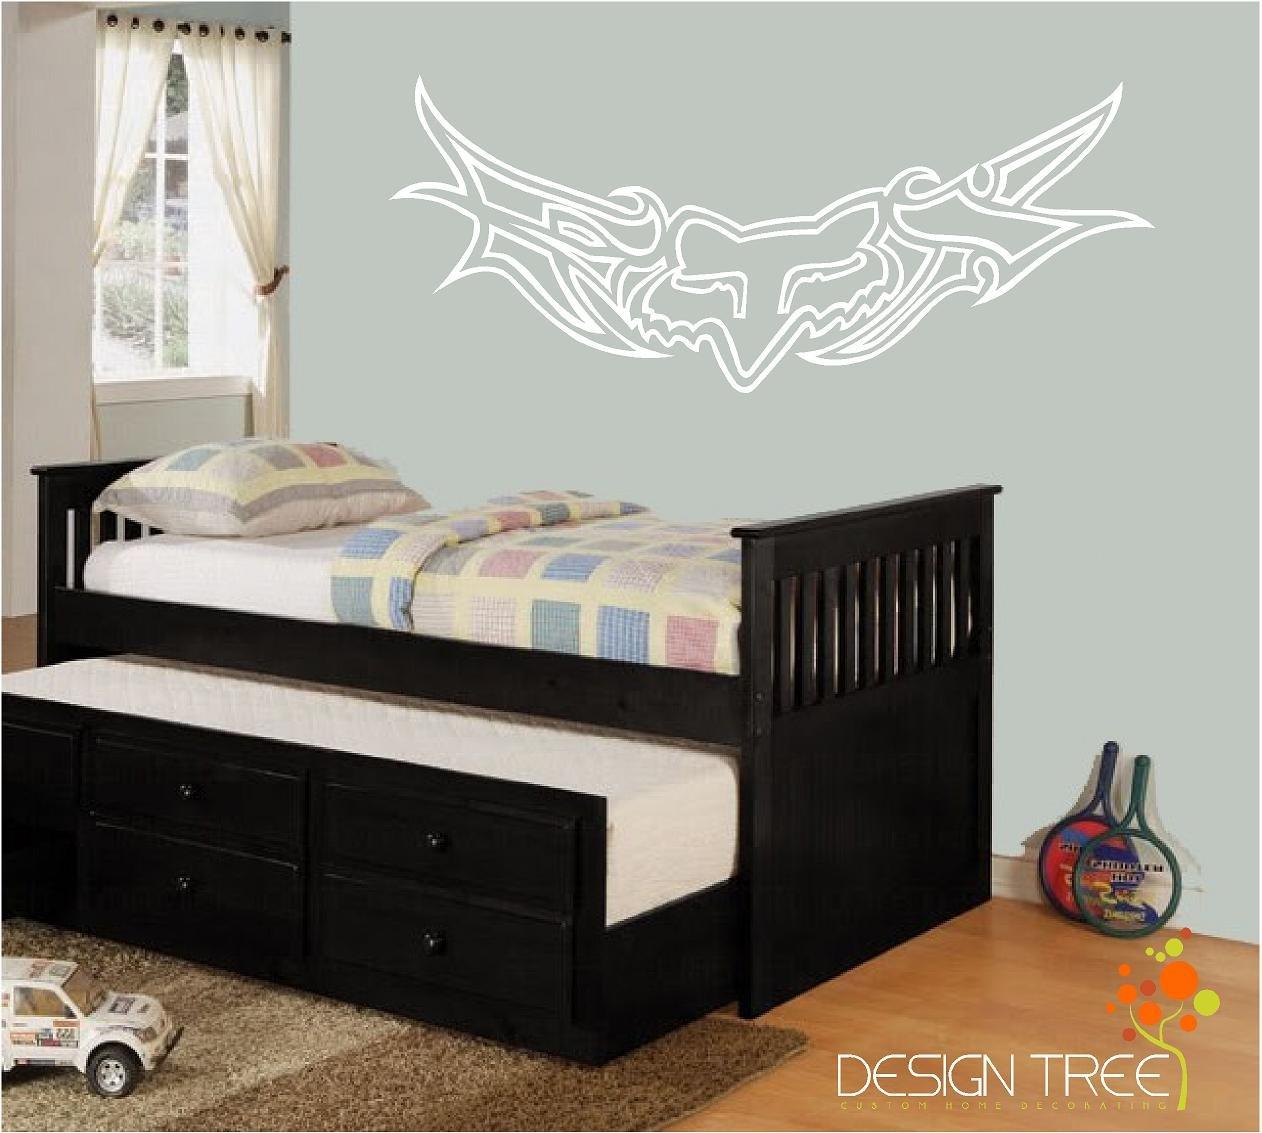 Motocross Bedroom Decor Amazoncom Motorcross Dirt Bike Fox Racing Wall Sticker Decals